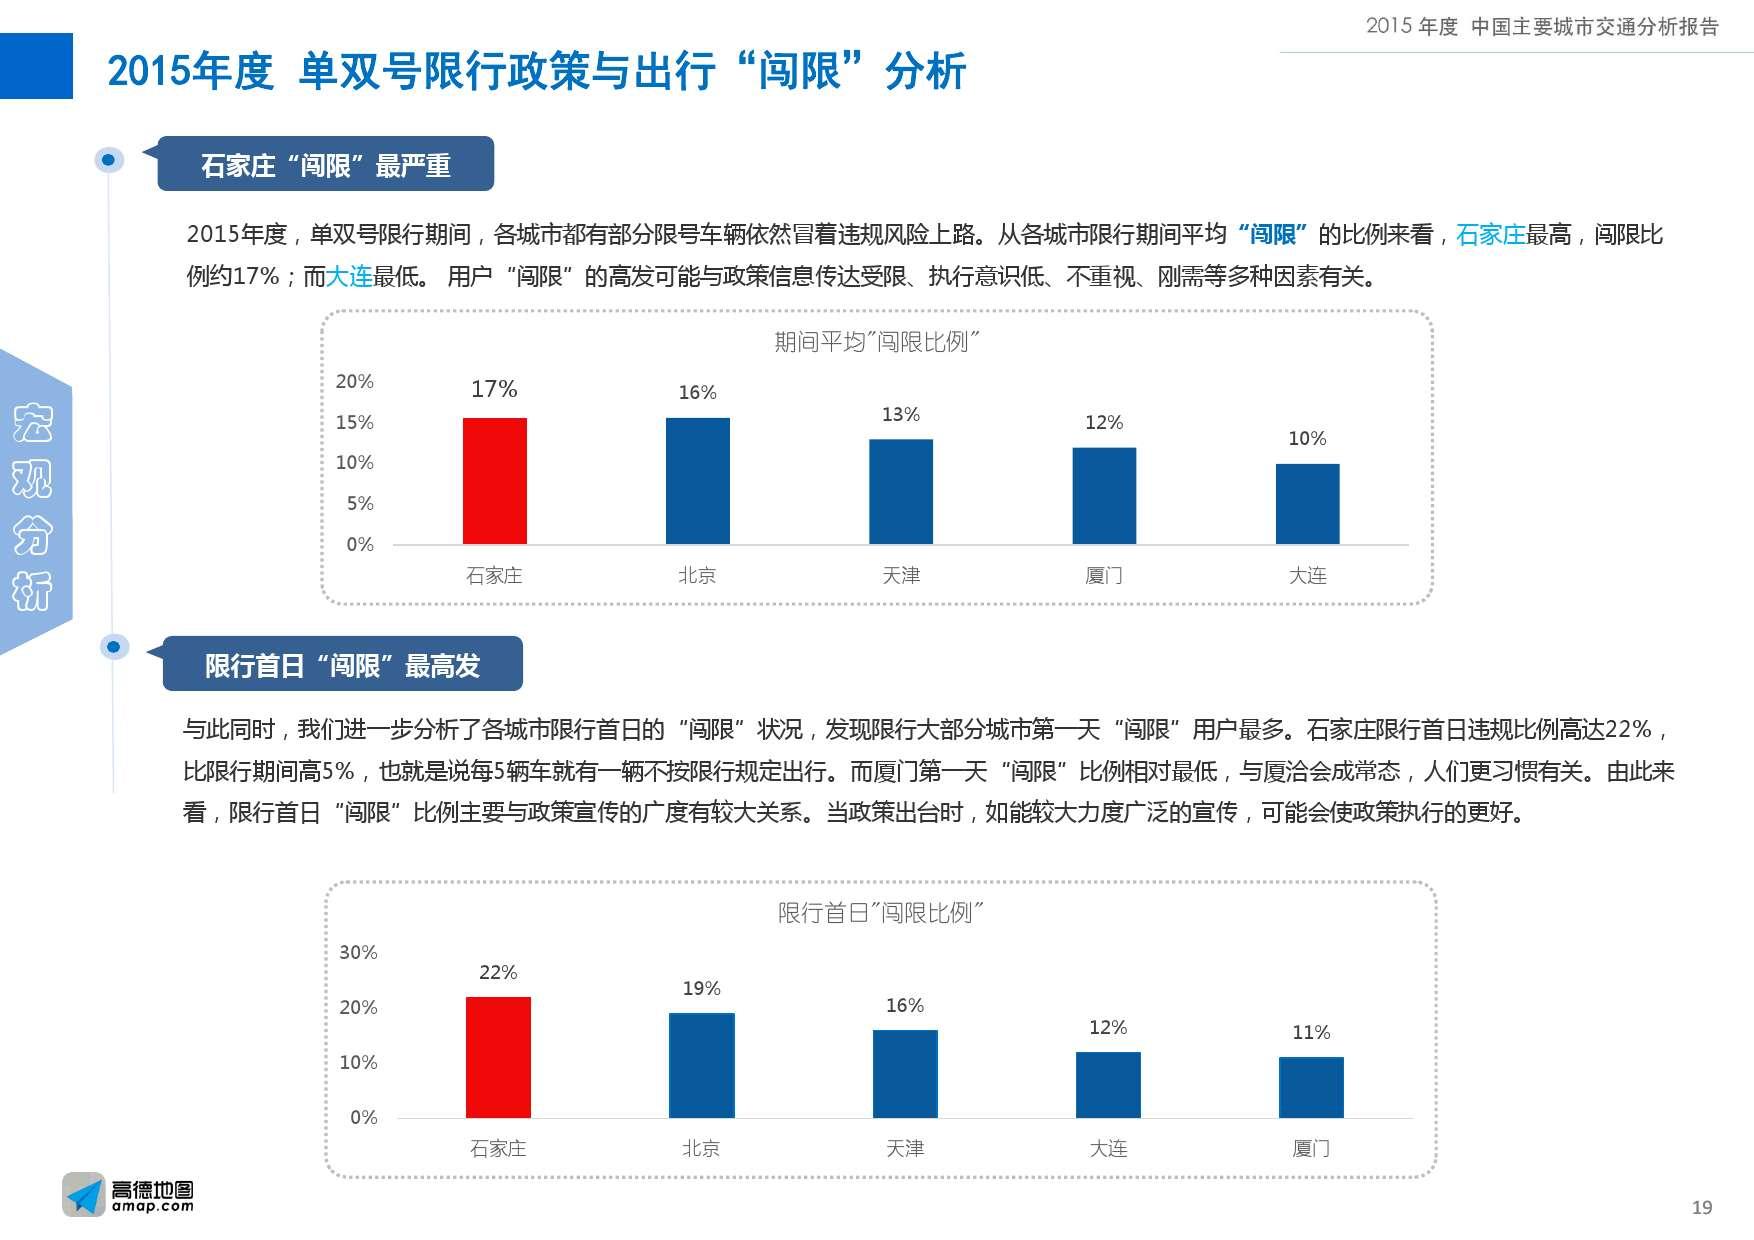 2015年度中国主要城市交通分析报告-final_000019